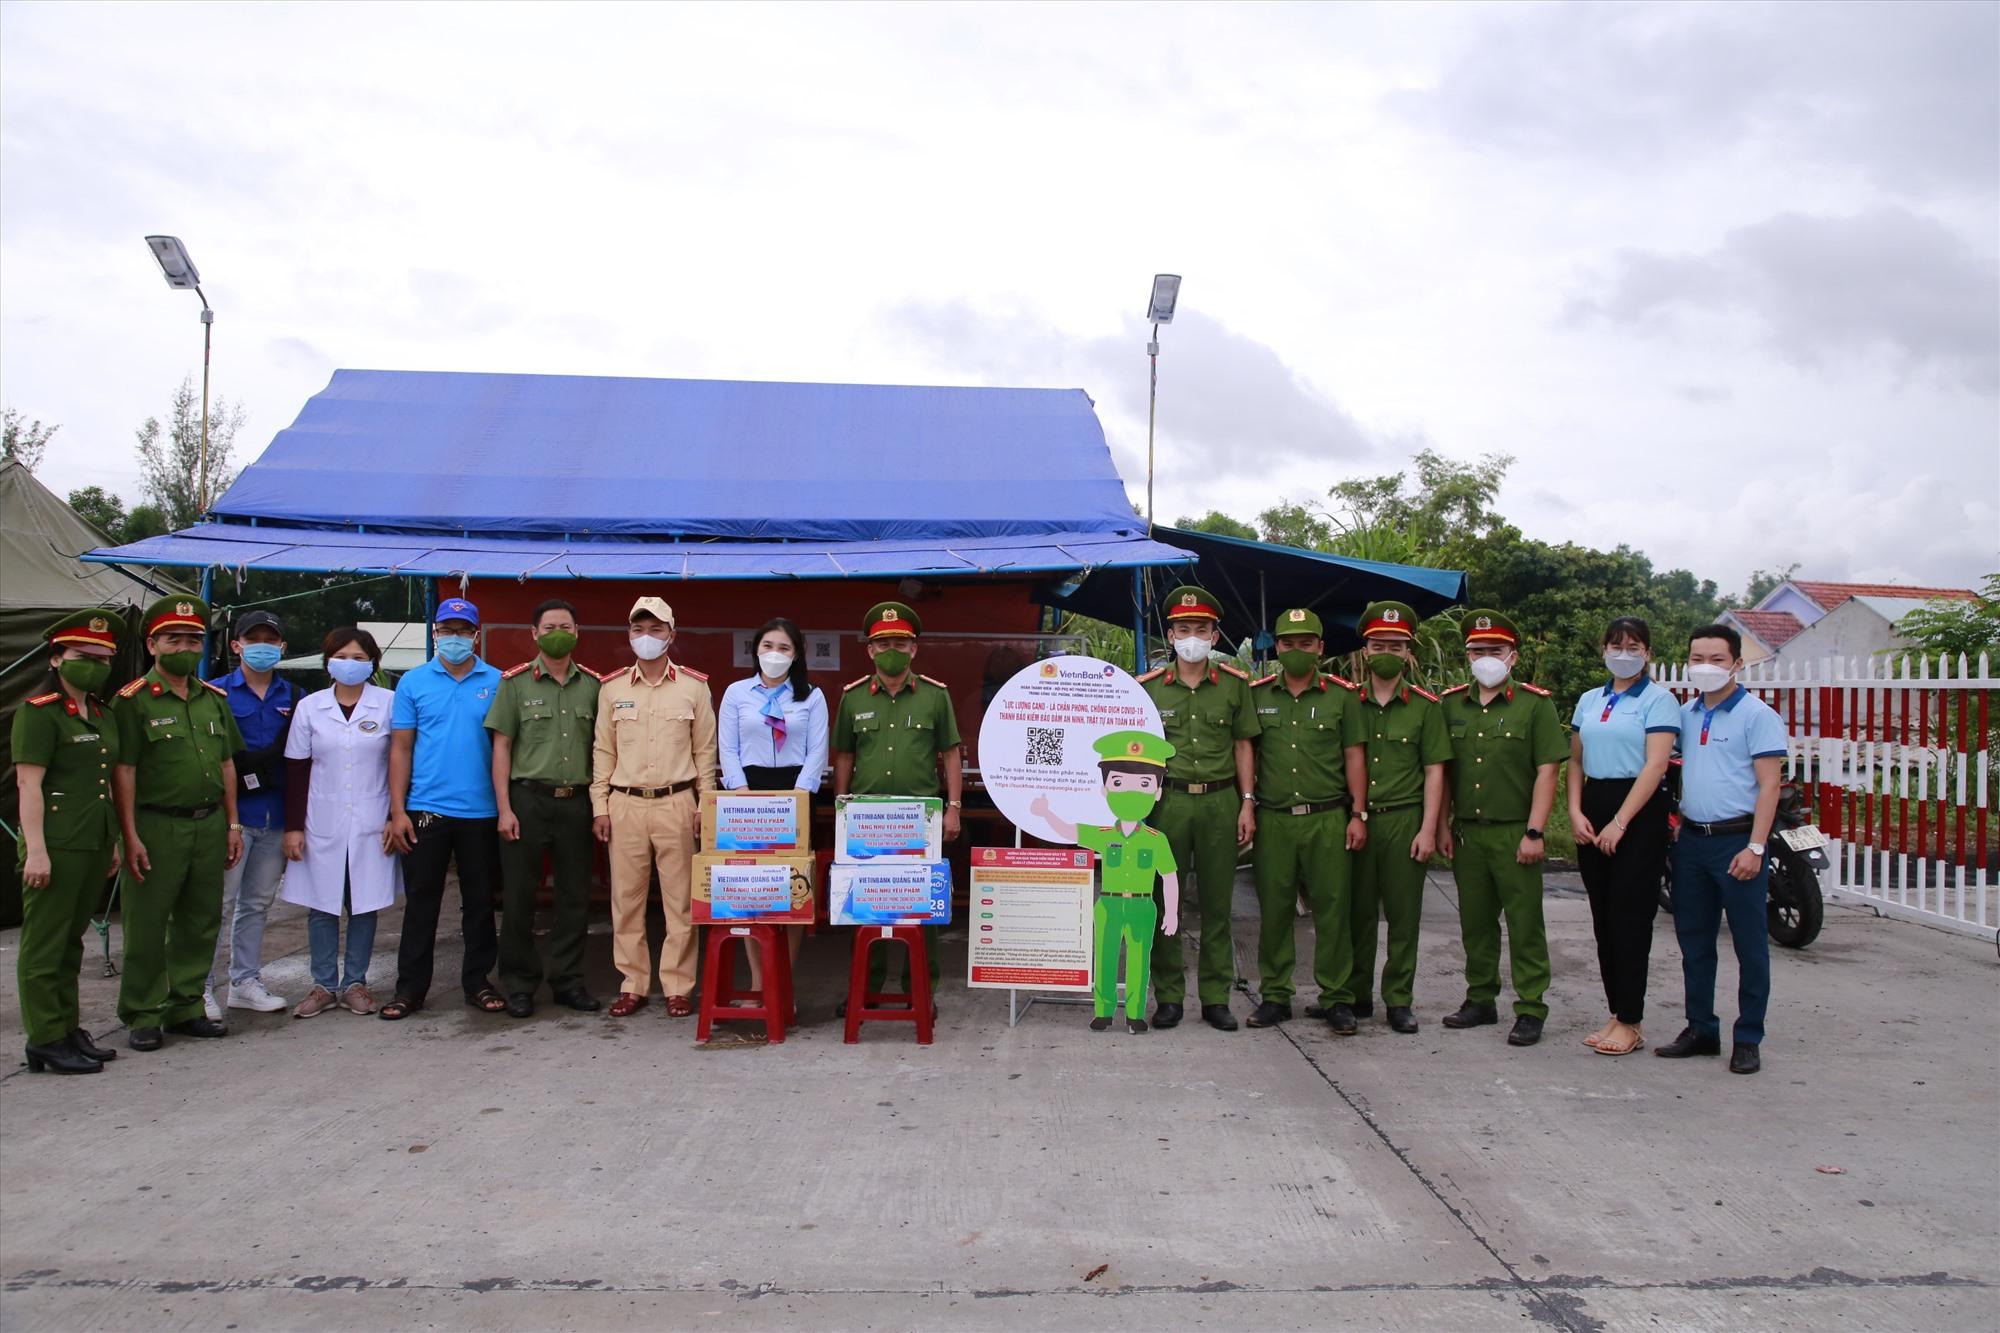 Trao tặng quà, lắp đặt pano tuyên truyền tại chốt kiểm soát phòng chống dịch tại trạm thu phí đường cao tốc Hà Lam (Thăng Bình). Ảnh: T.C